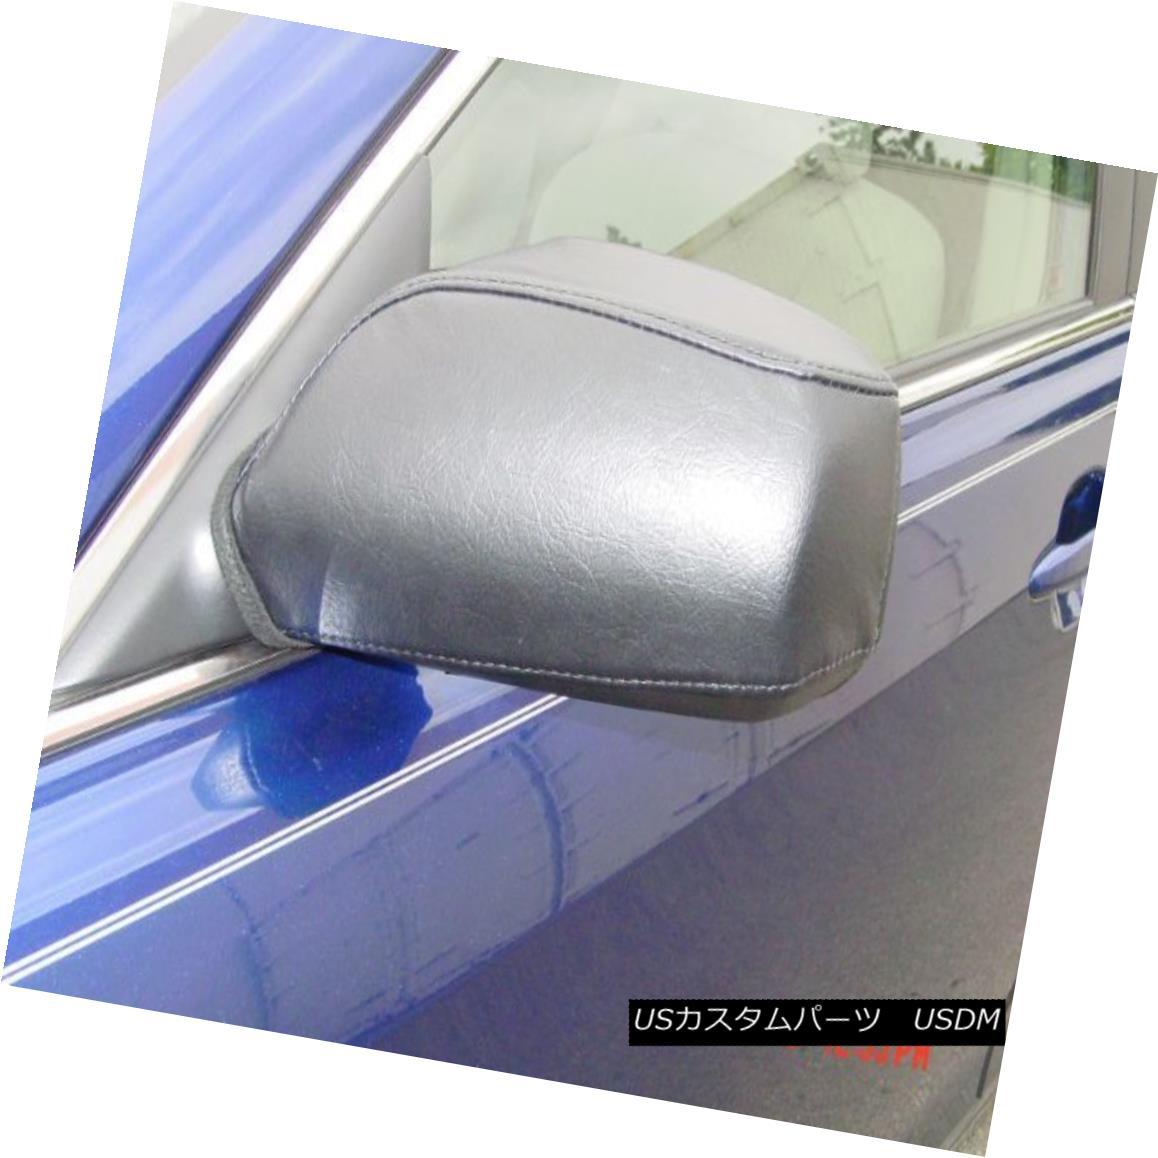 フルブラ ノーズブラ Colgan Car Mirror Covers Bra Black Fits 2010-2011 Toyota Camry Hybrid Colgan Car Mirrors Covers 2010年から2011年のトヨタカムリハイブリッドに適合